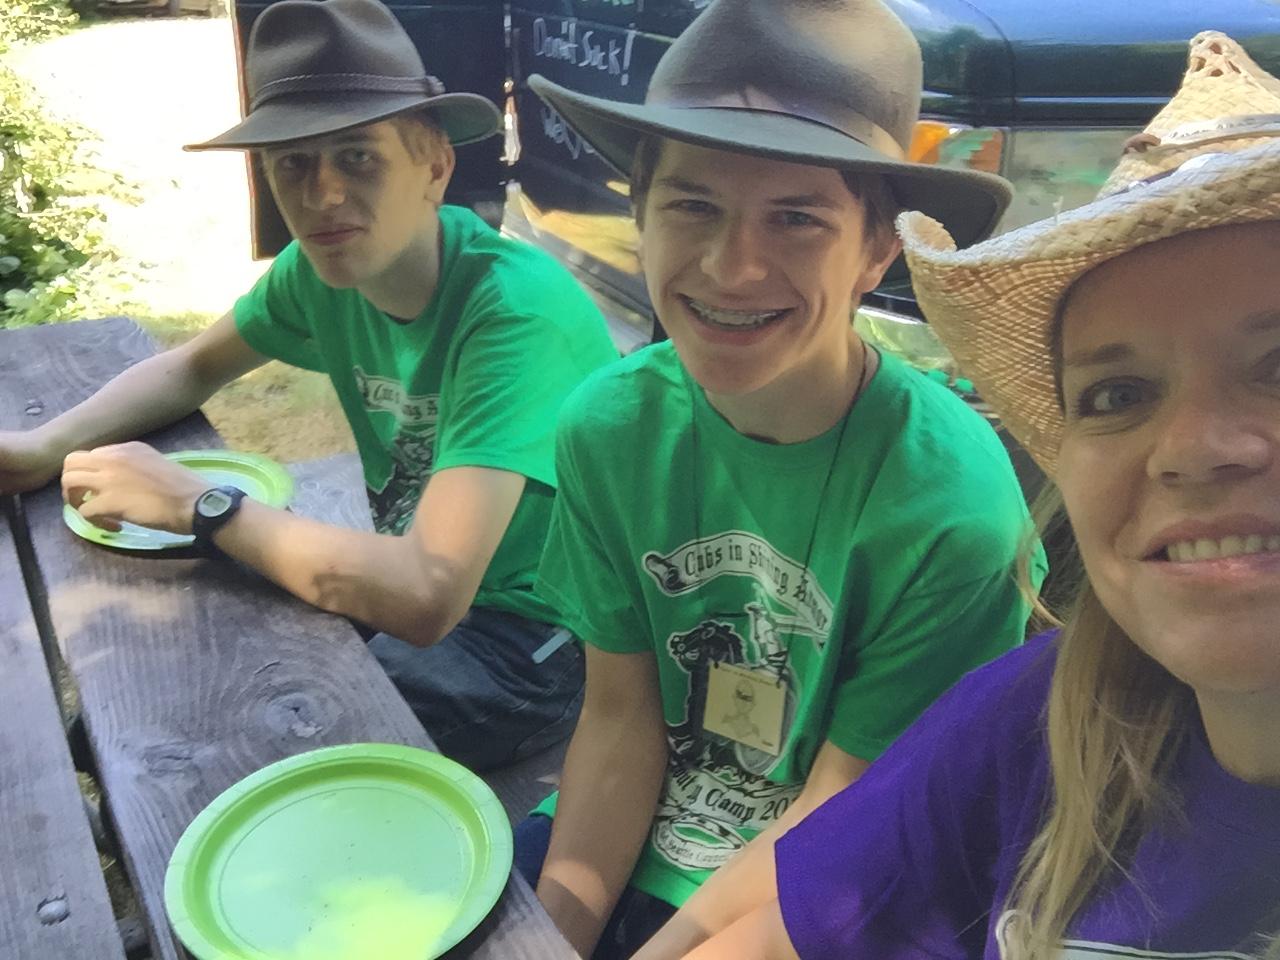 Chris, Matt and Doreen